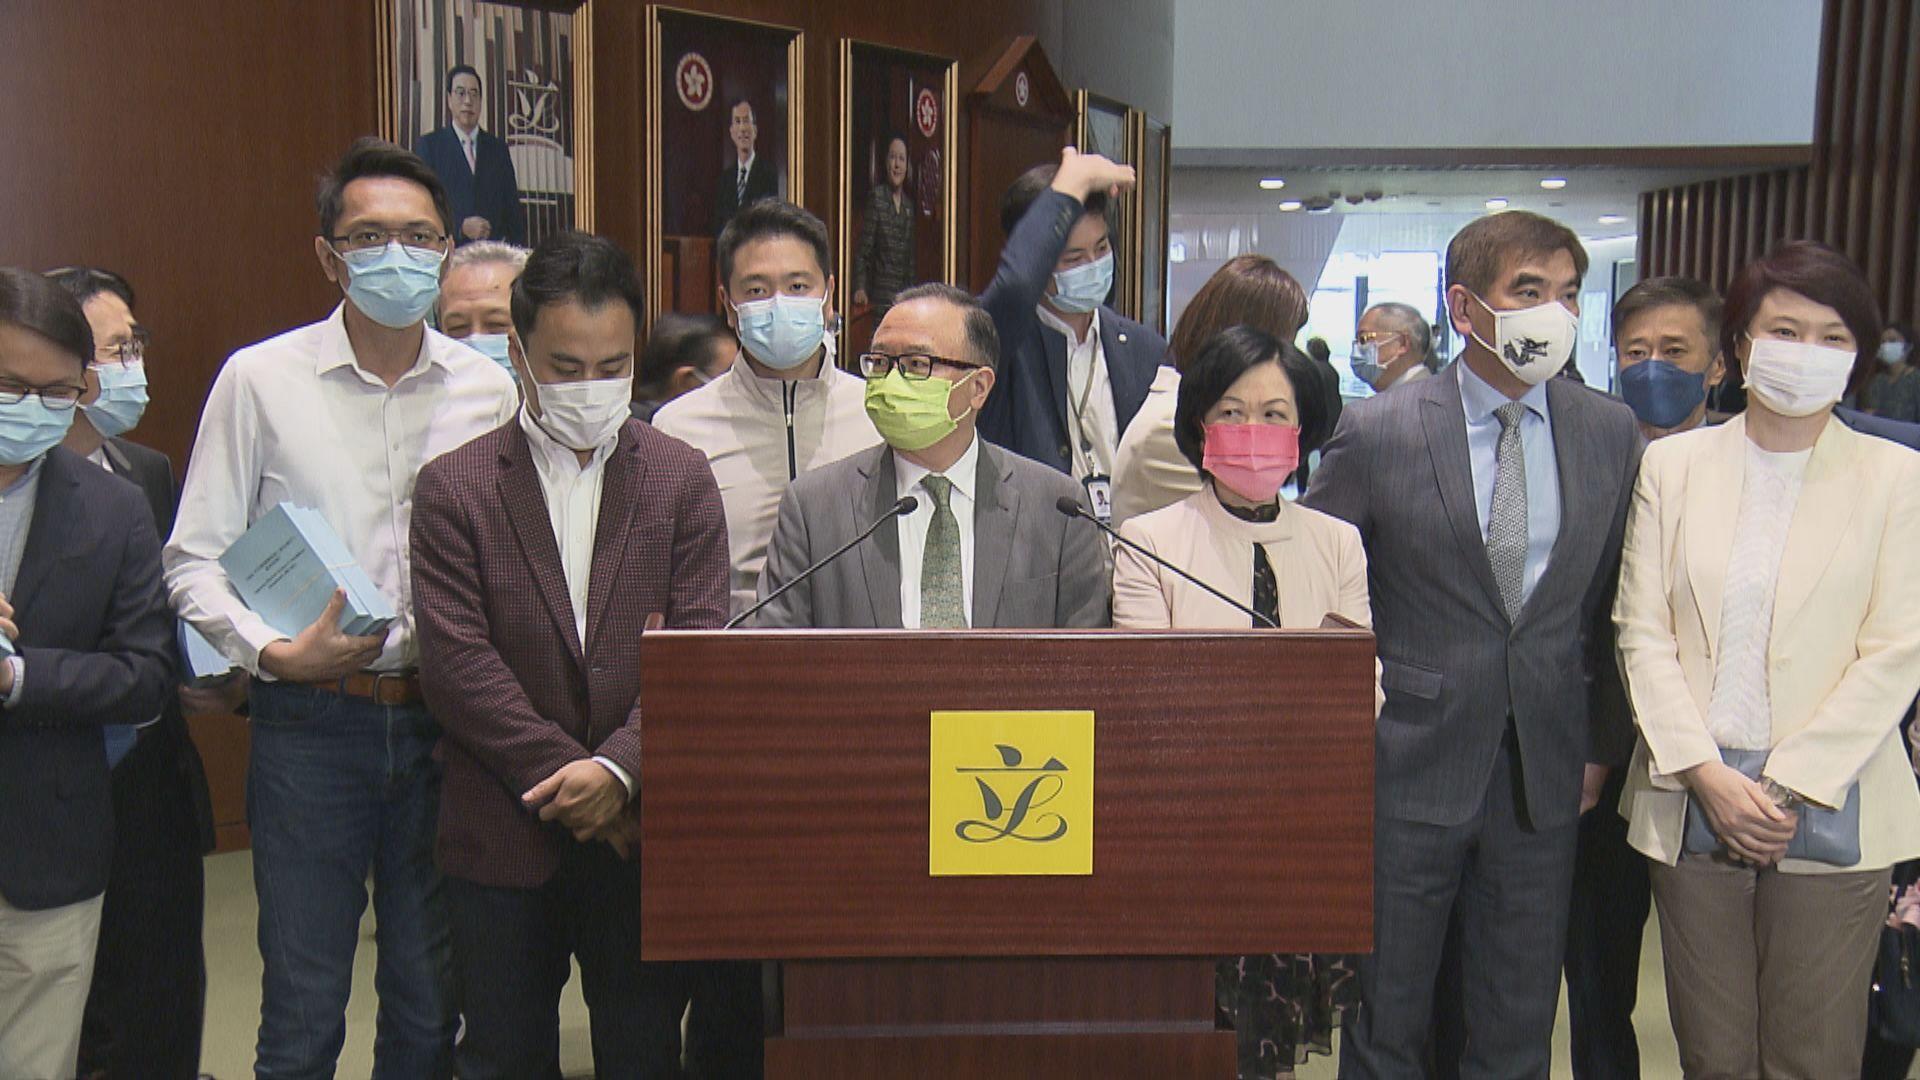 廖長江︰選舉制度修訂審議工作緊逼 會全力配合